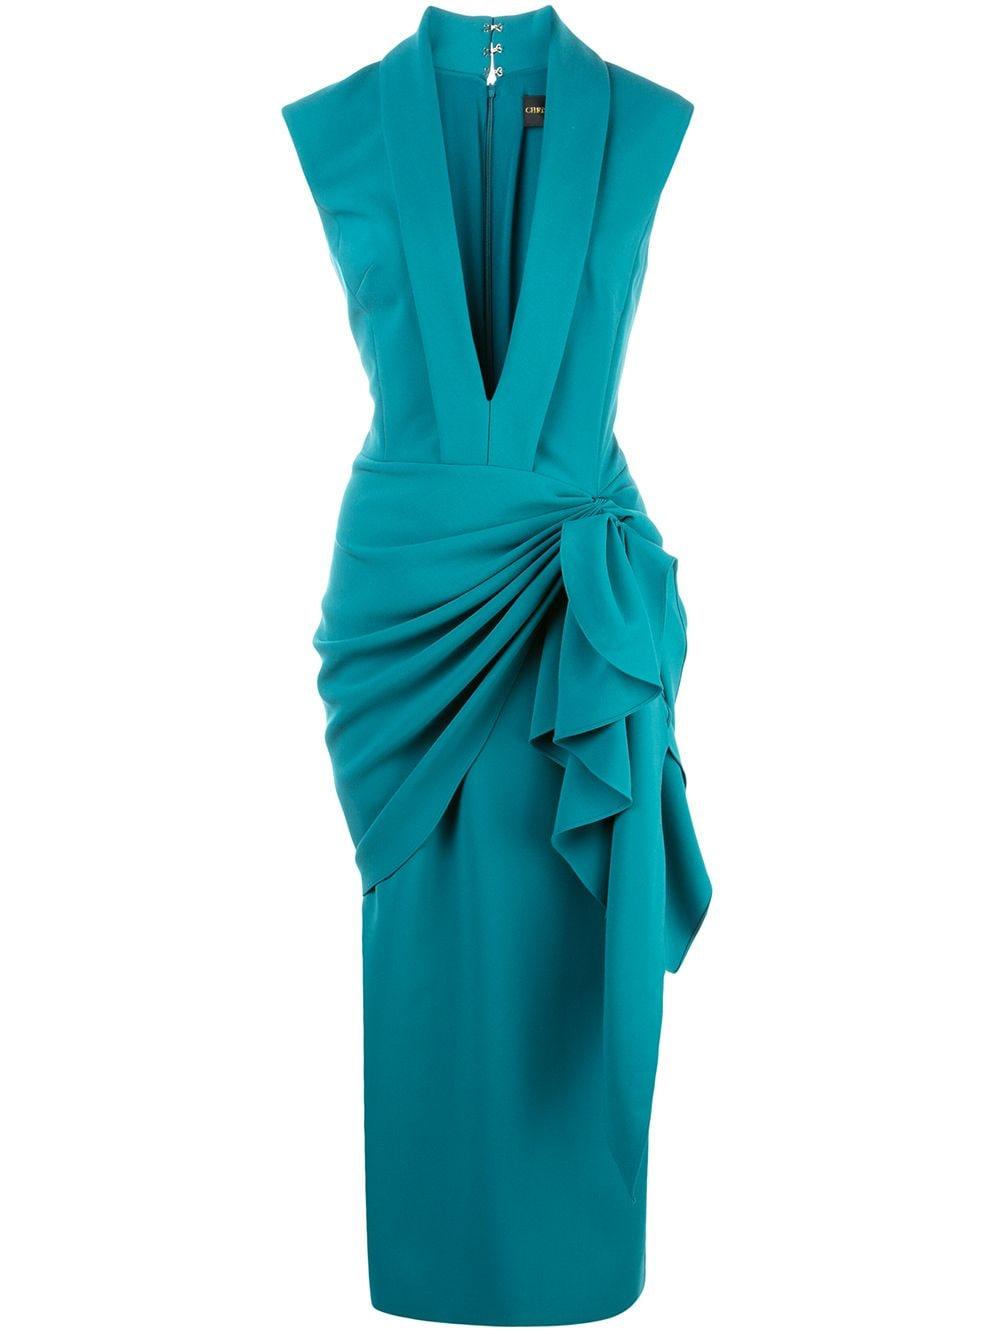 Image of Deep V-Neck Side Ruched Dress